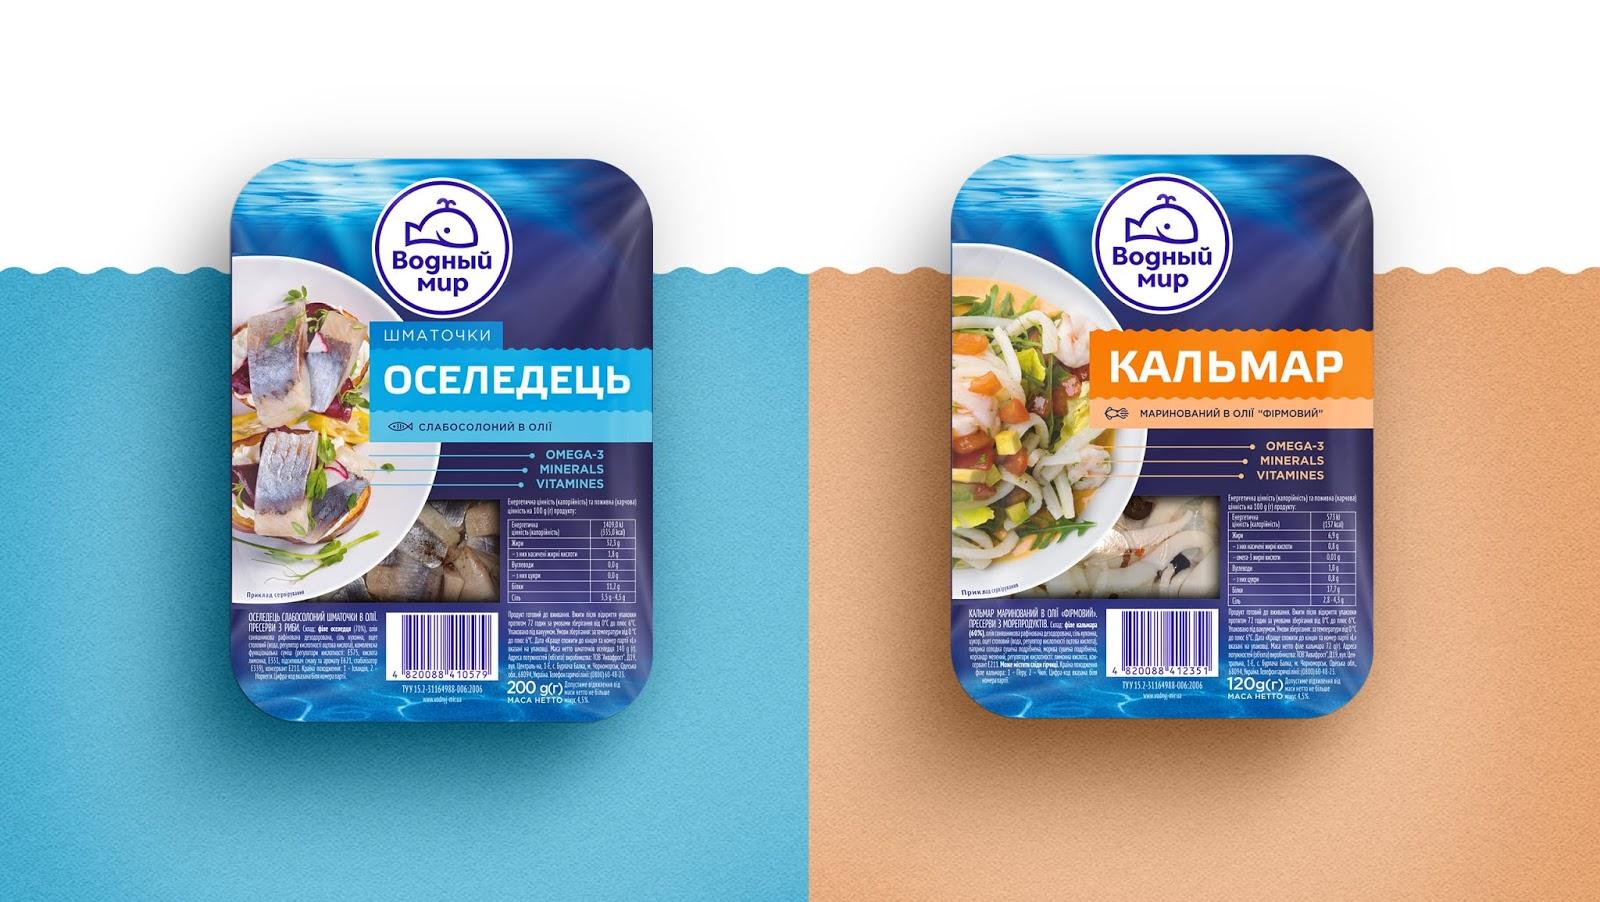 海產品包裝設計技巧有哪些?如何設計讓人食欲大開